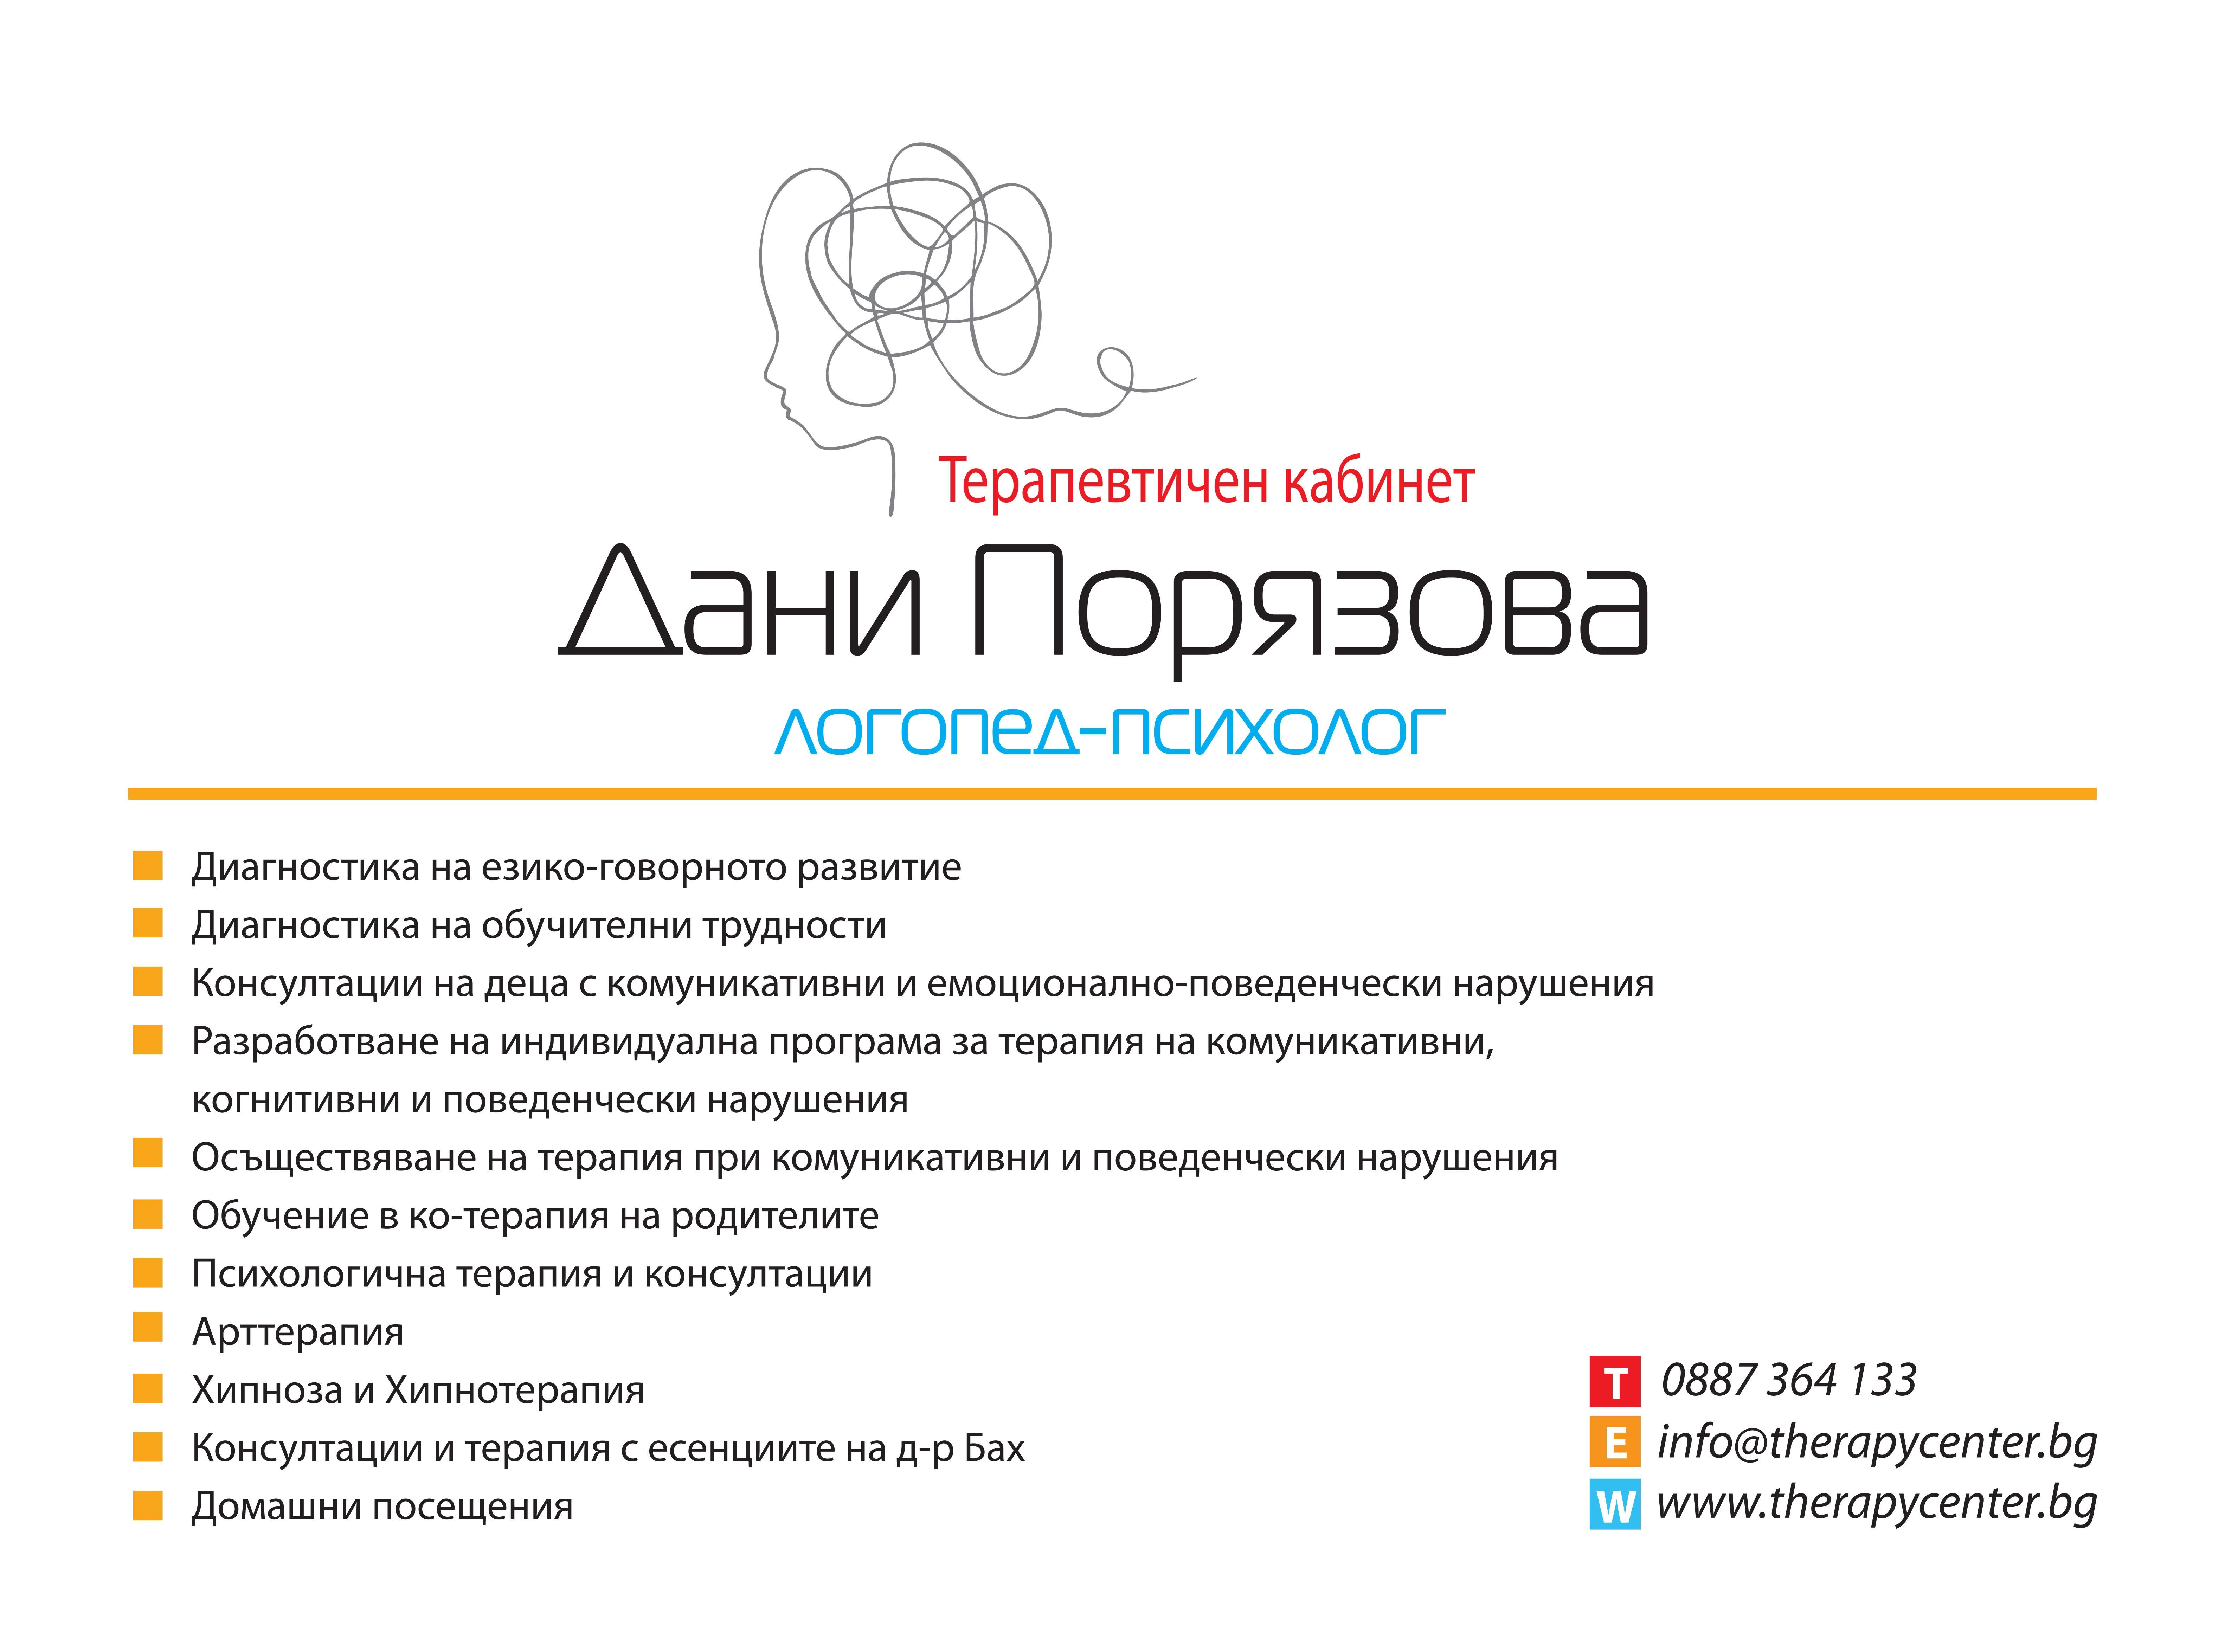 Logoped psiholog Plovdiv Dani Poryazova Что Делать, Если Парень Упрекает Меня?